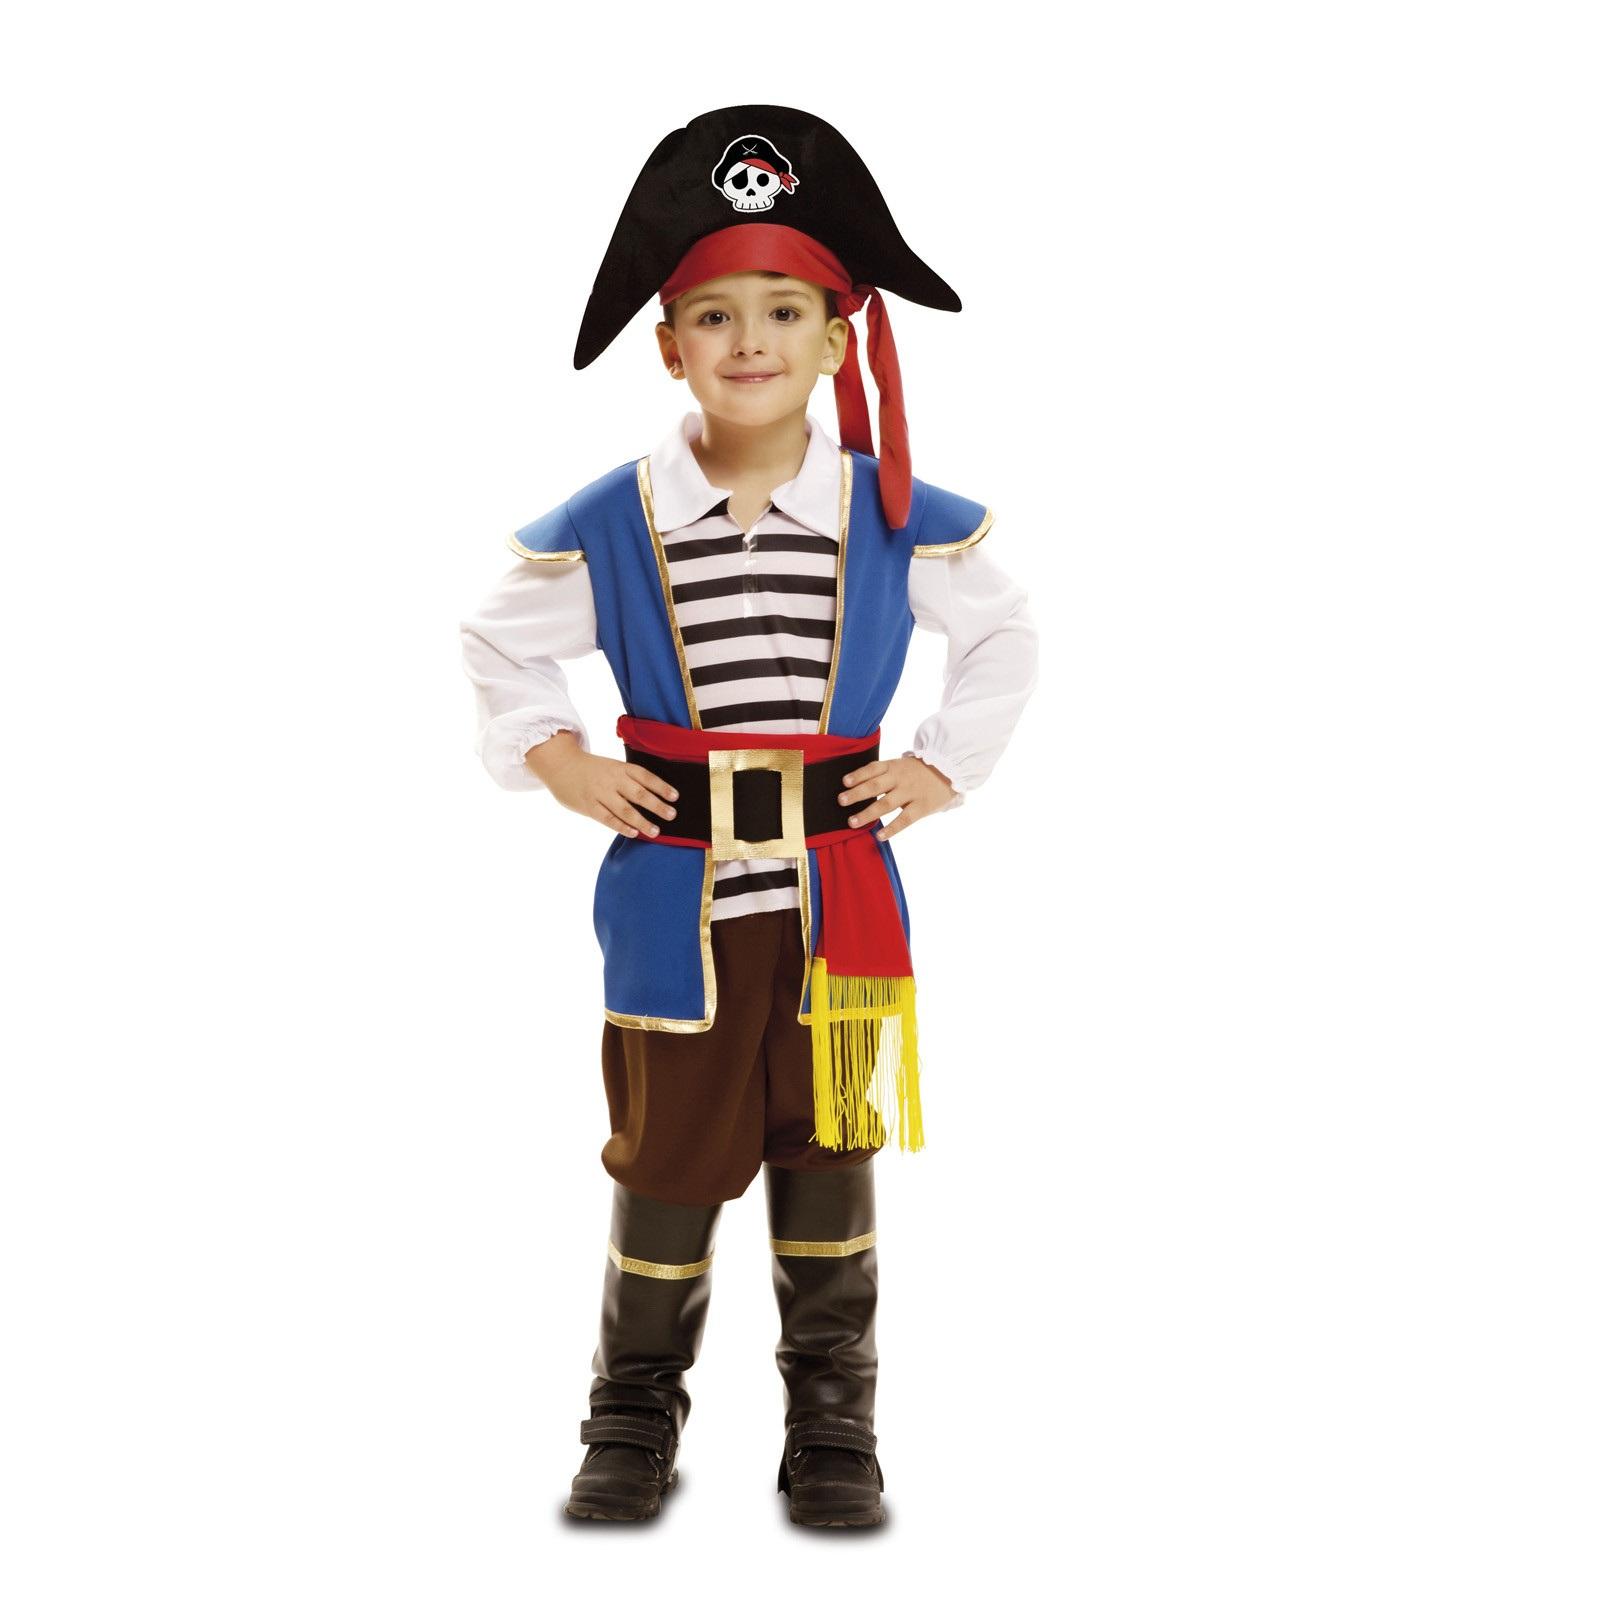 disfraz pequeño pirata azul niño bebé 202003mom - DISFRAZ DE PEQUEÑO PIRATA AZUL BEBE